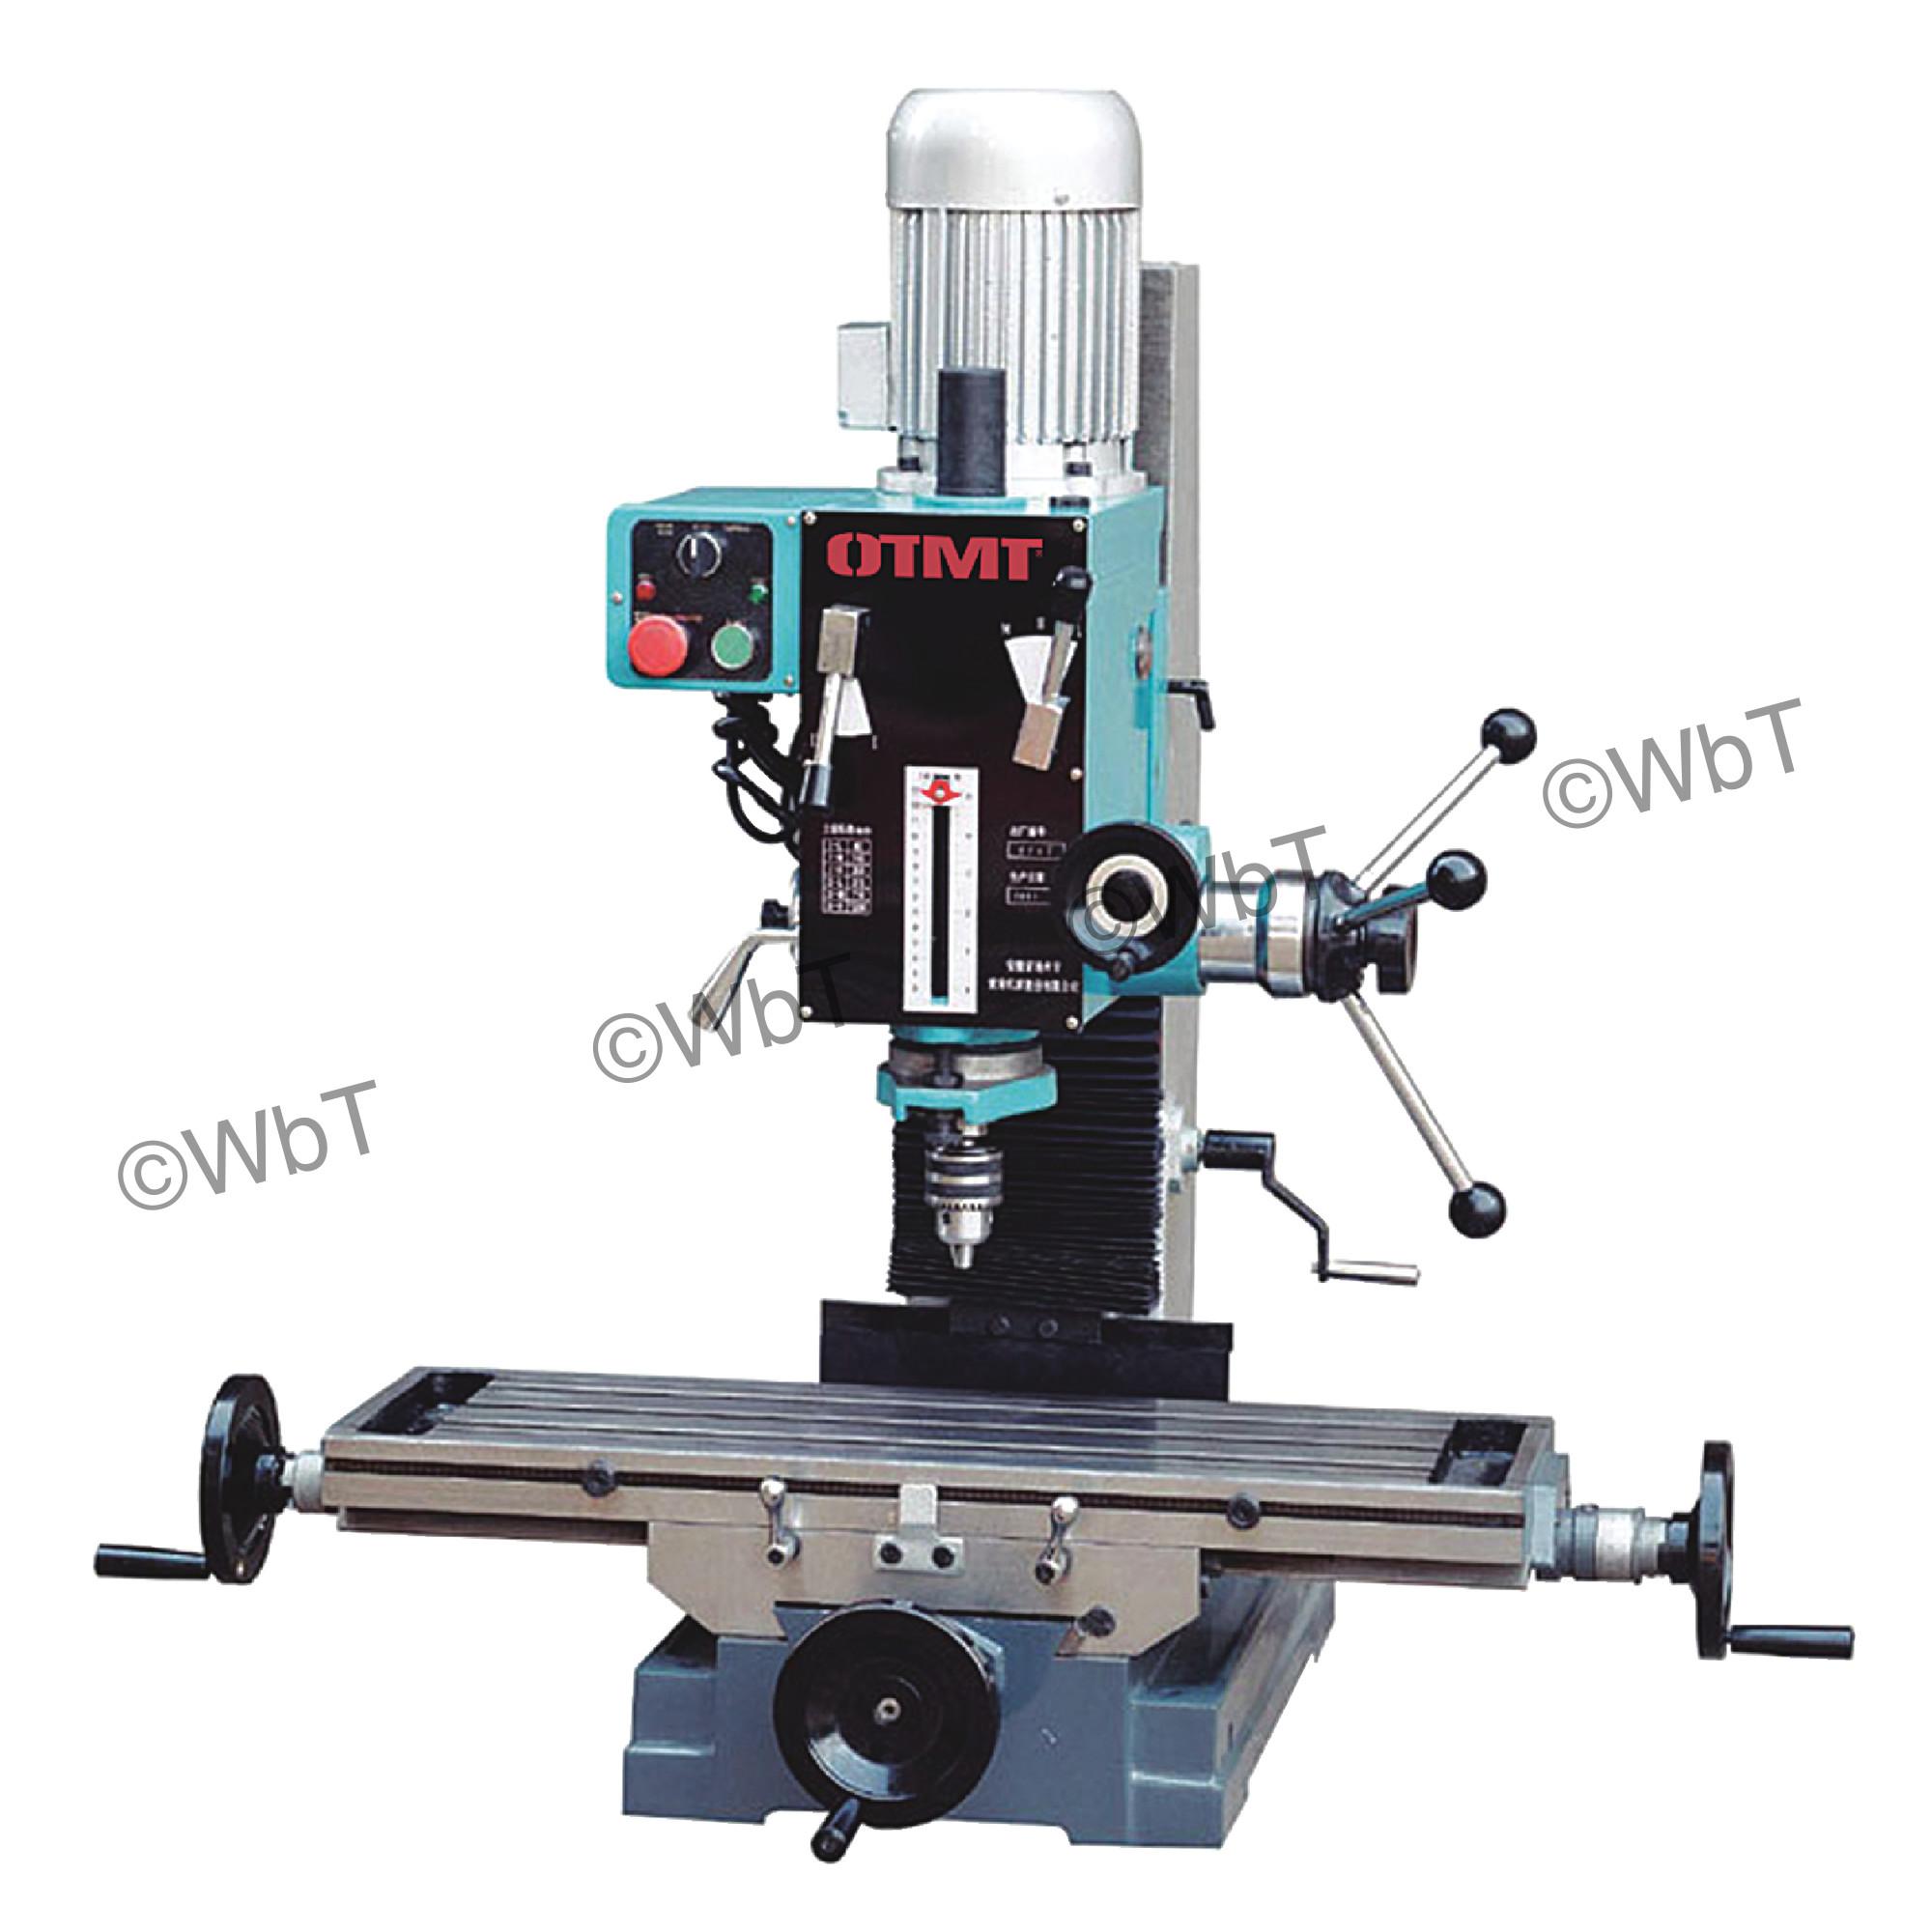 Gear Drive Mill/Drill Machine